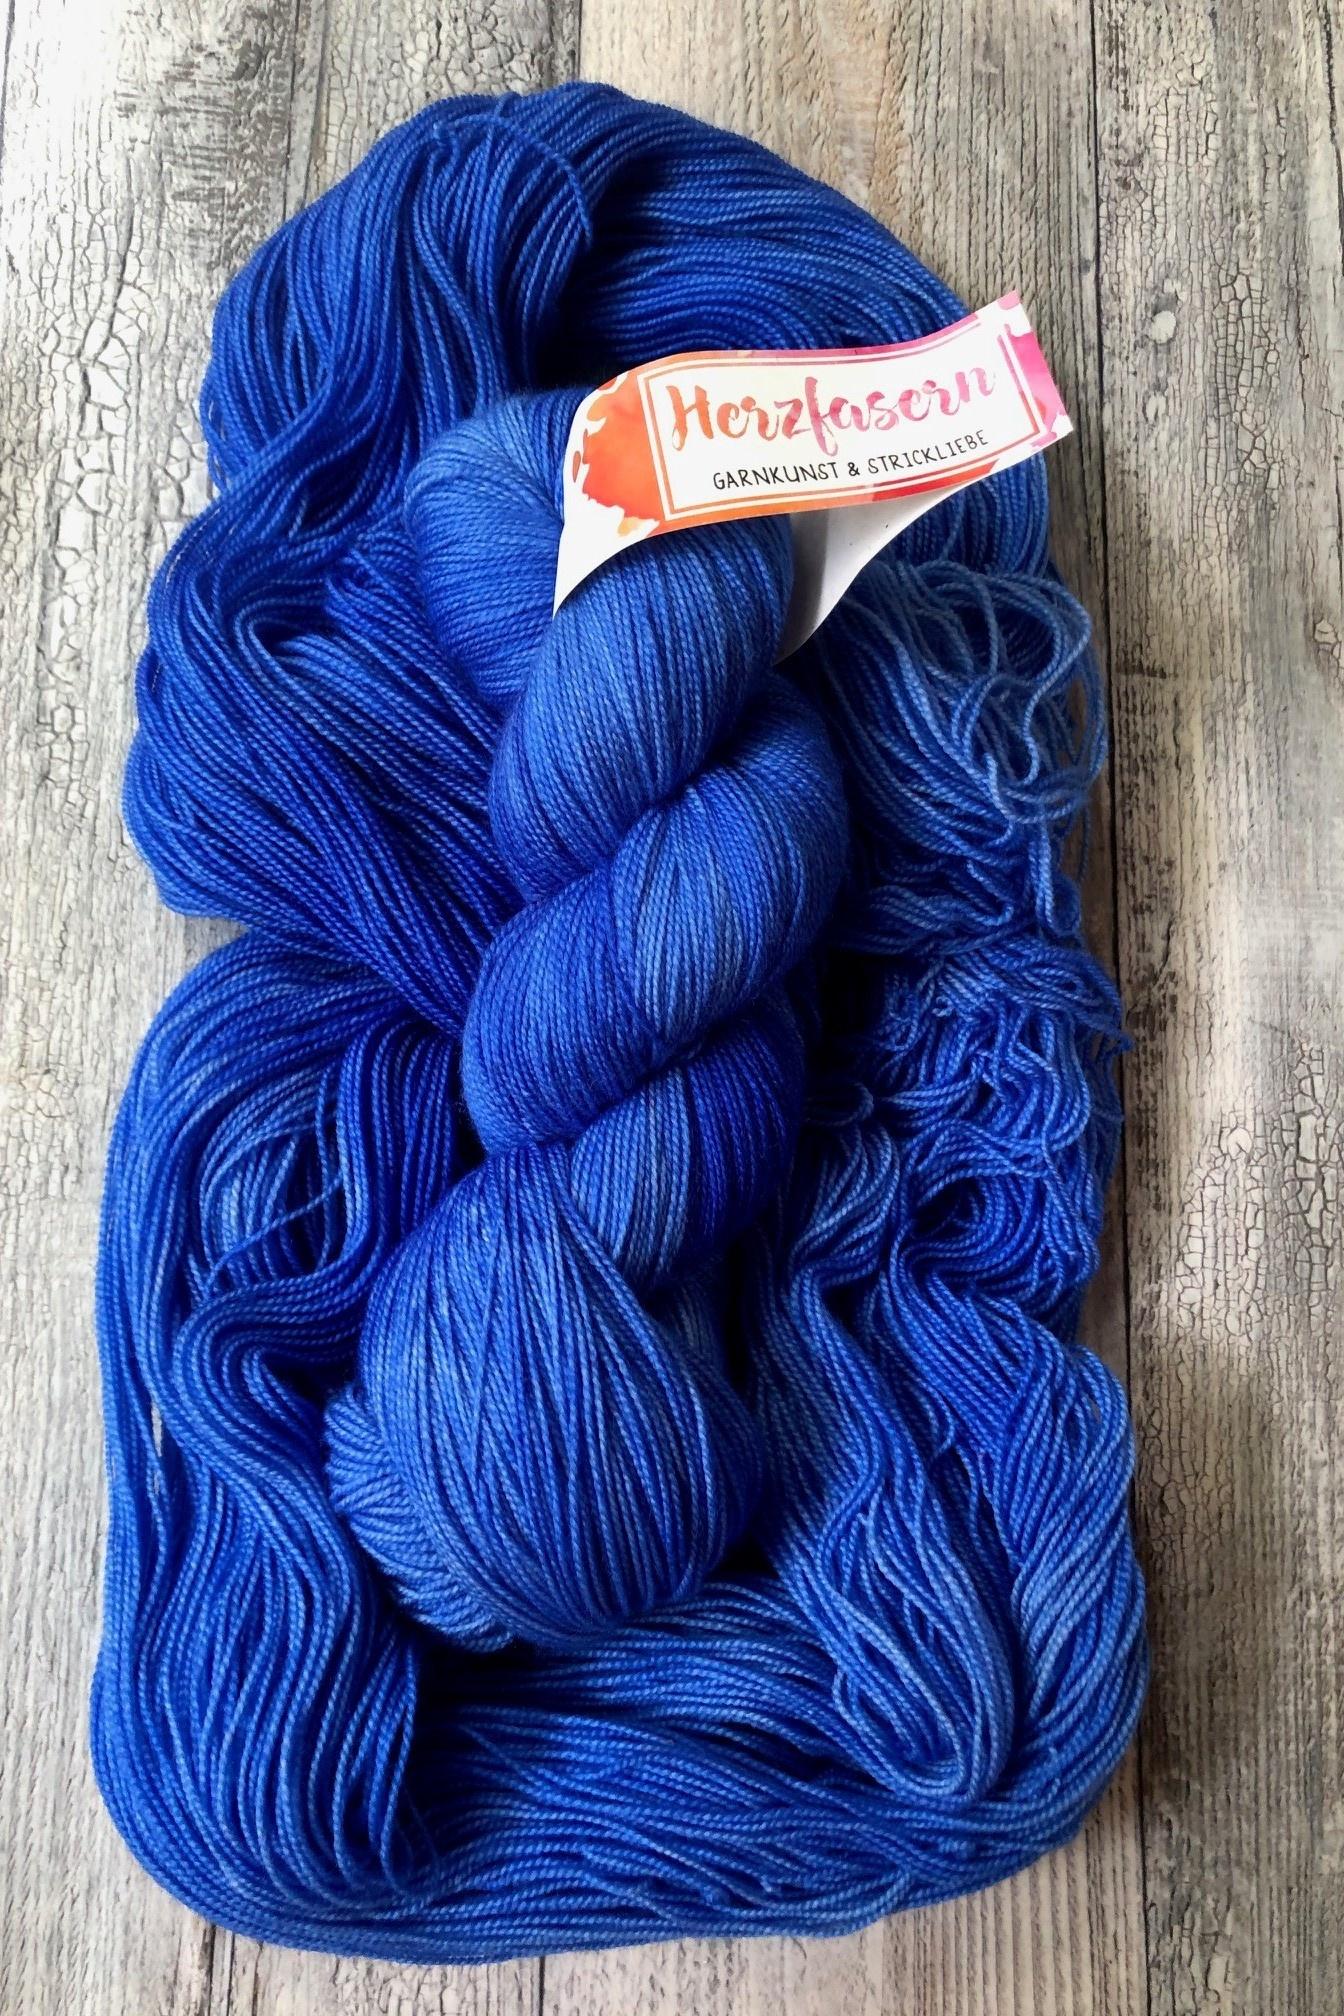 Herzfasern Lace Merino 600 -Einfach Blau